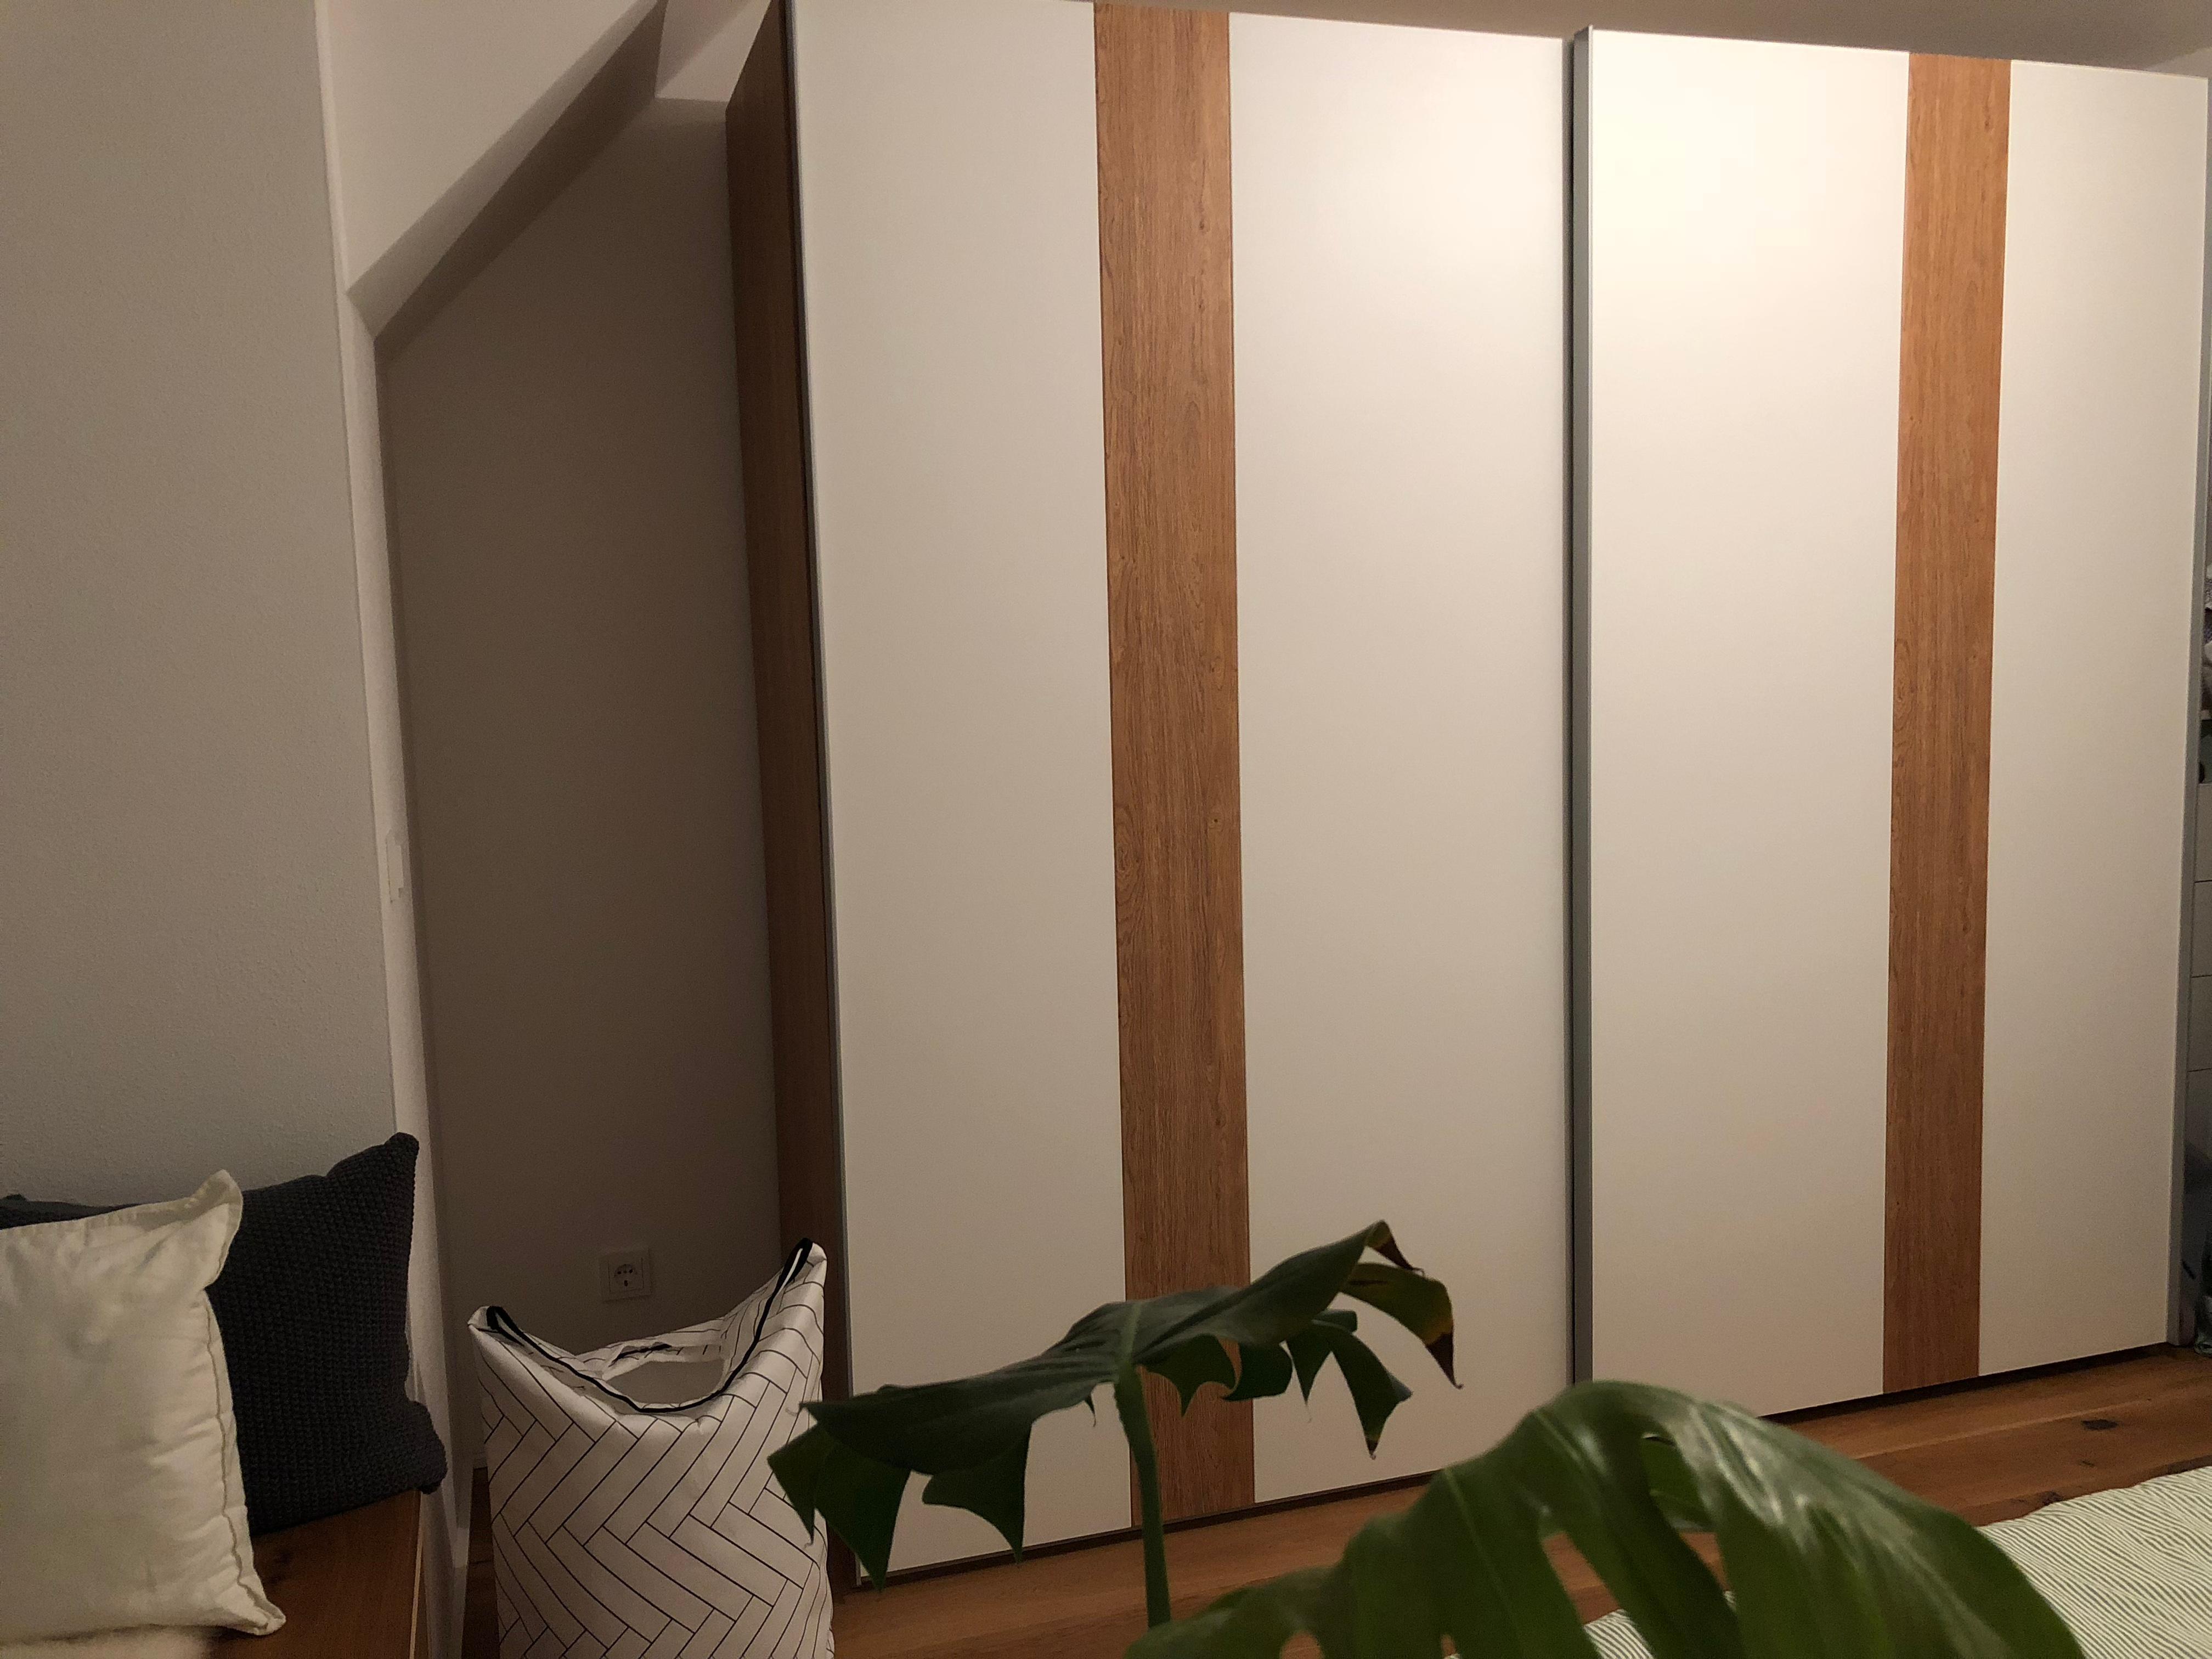 Ankleidezimmer Ideen: Einfach selber machen!